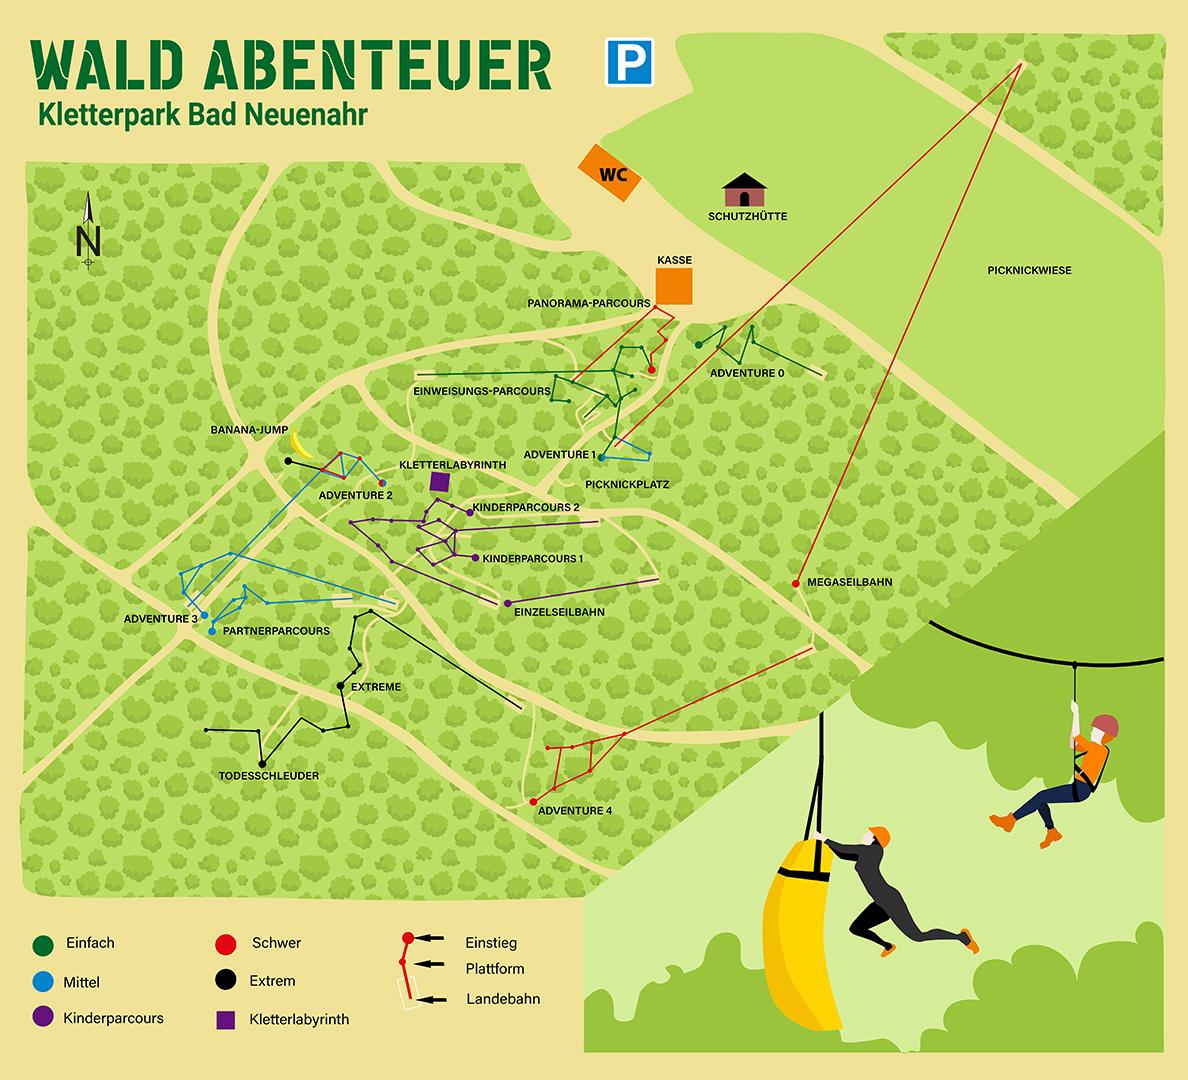 Wald-Abenteuer Parkplan Bad Neuenahr-Ahrweiler